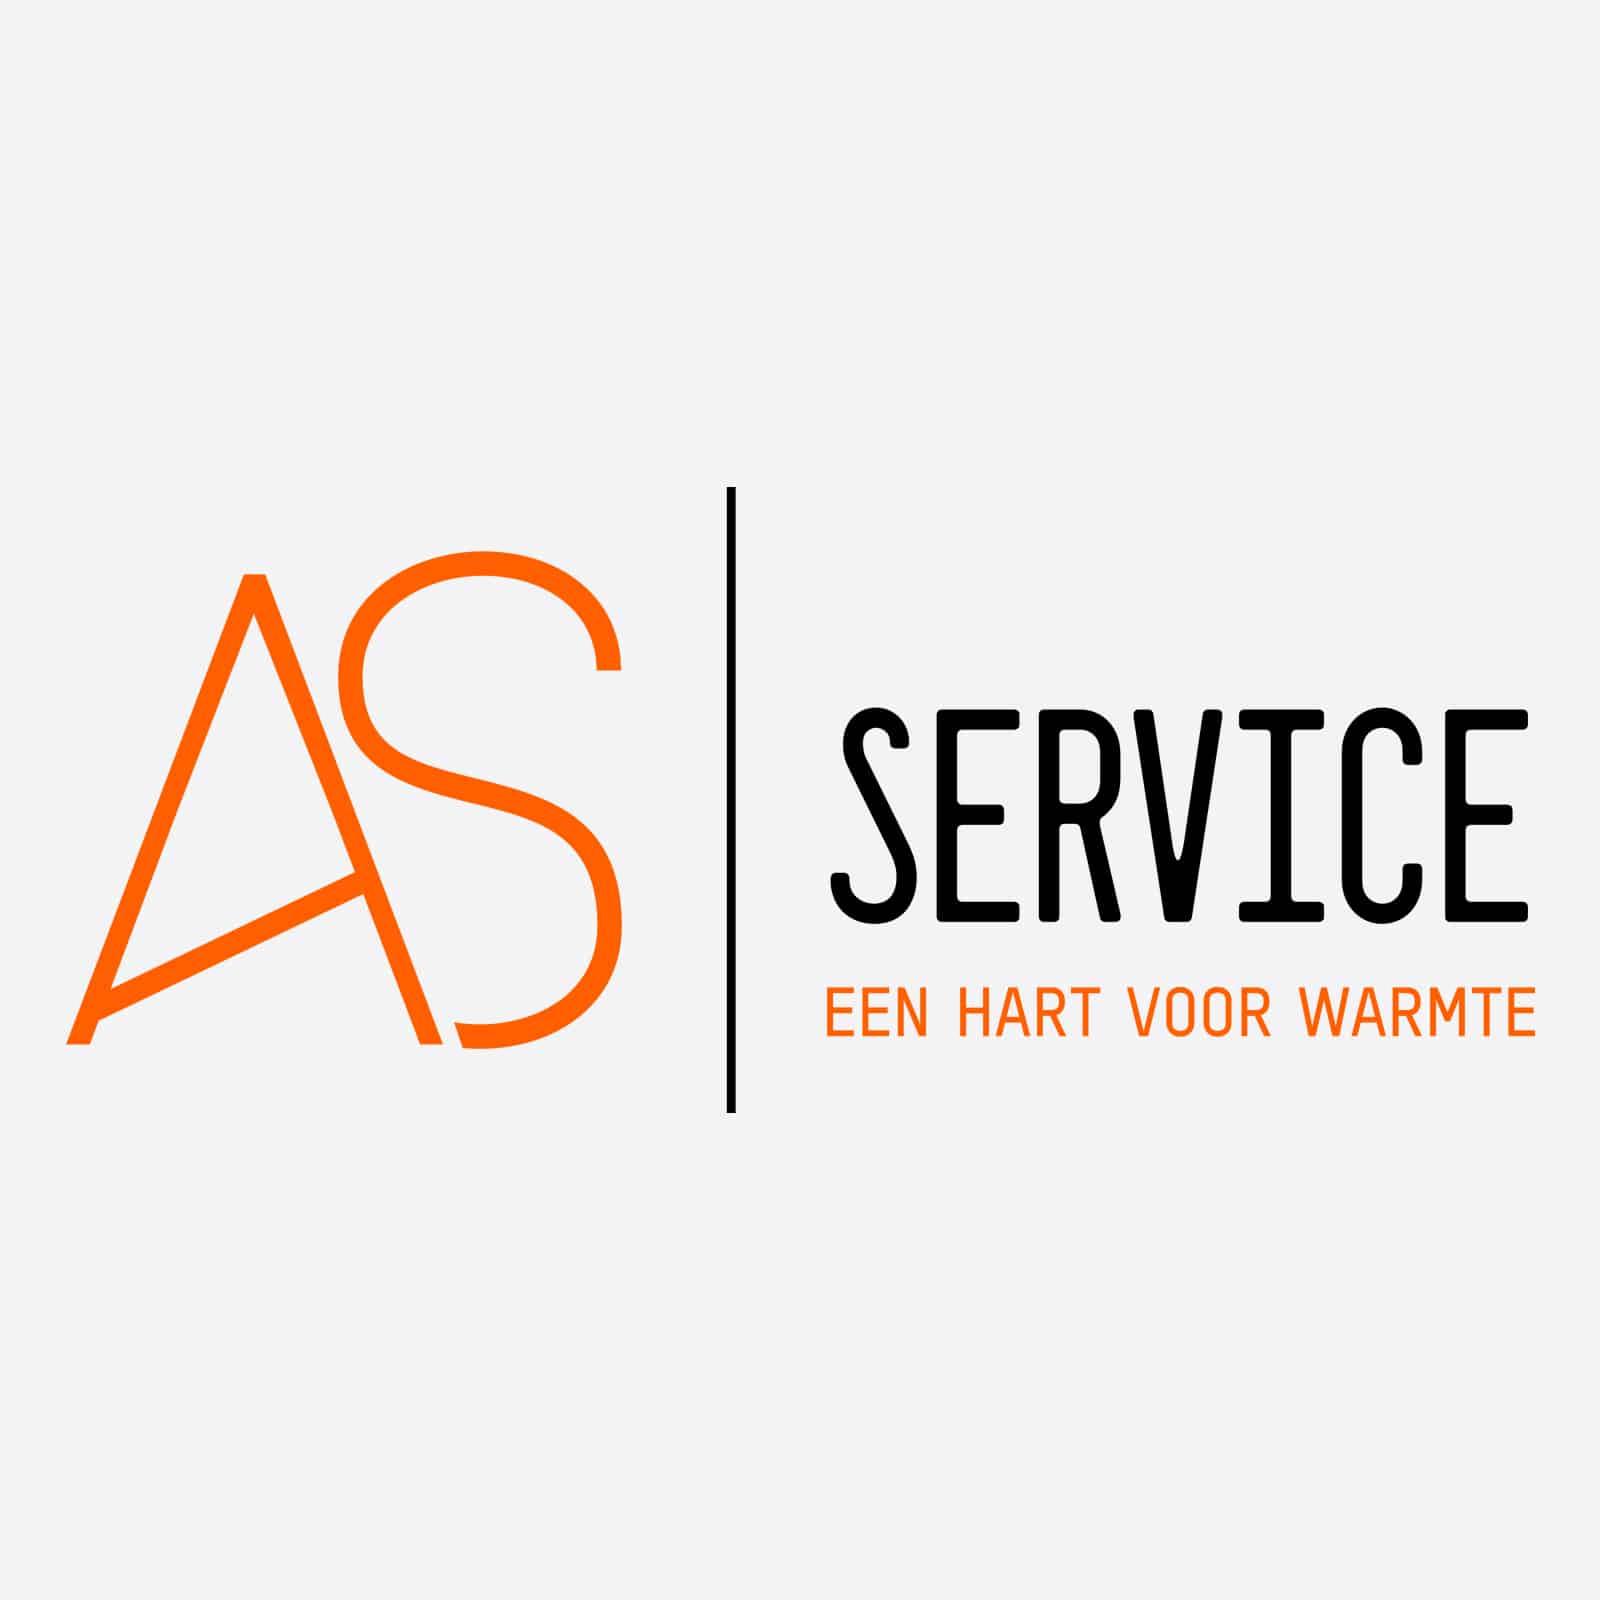 logo_AS service